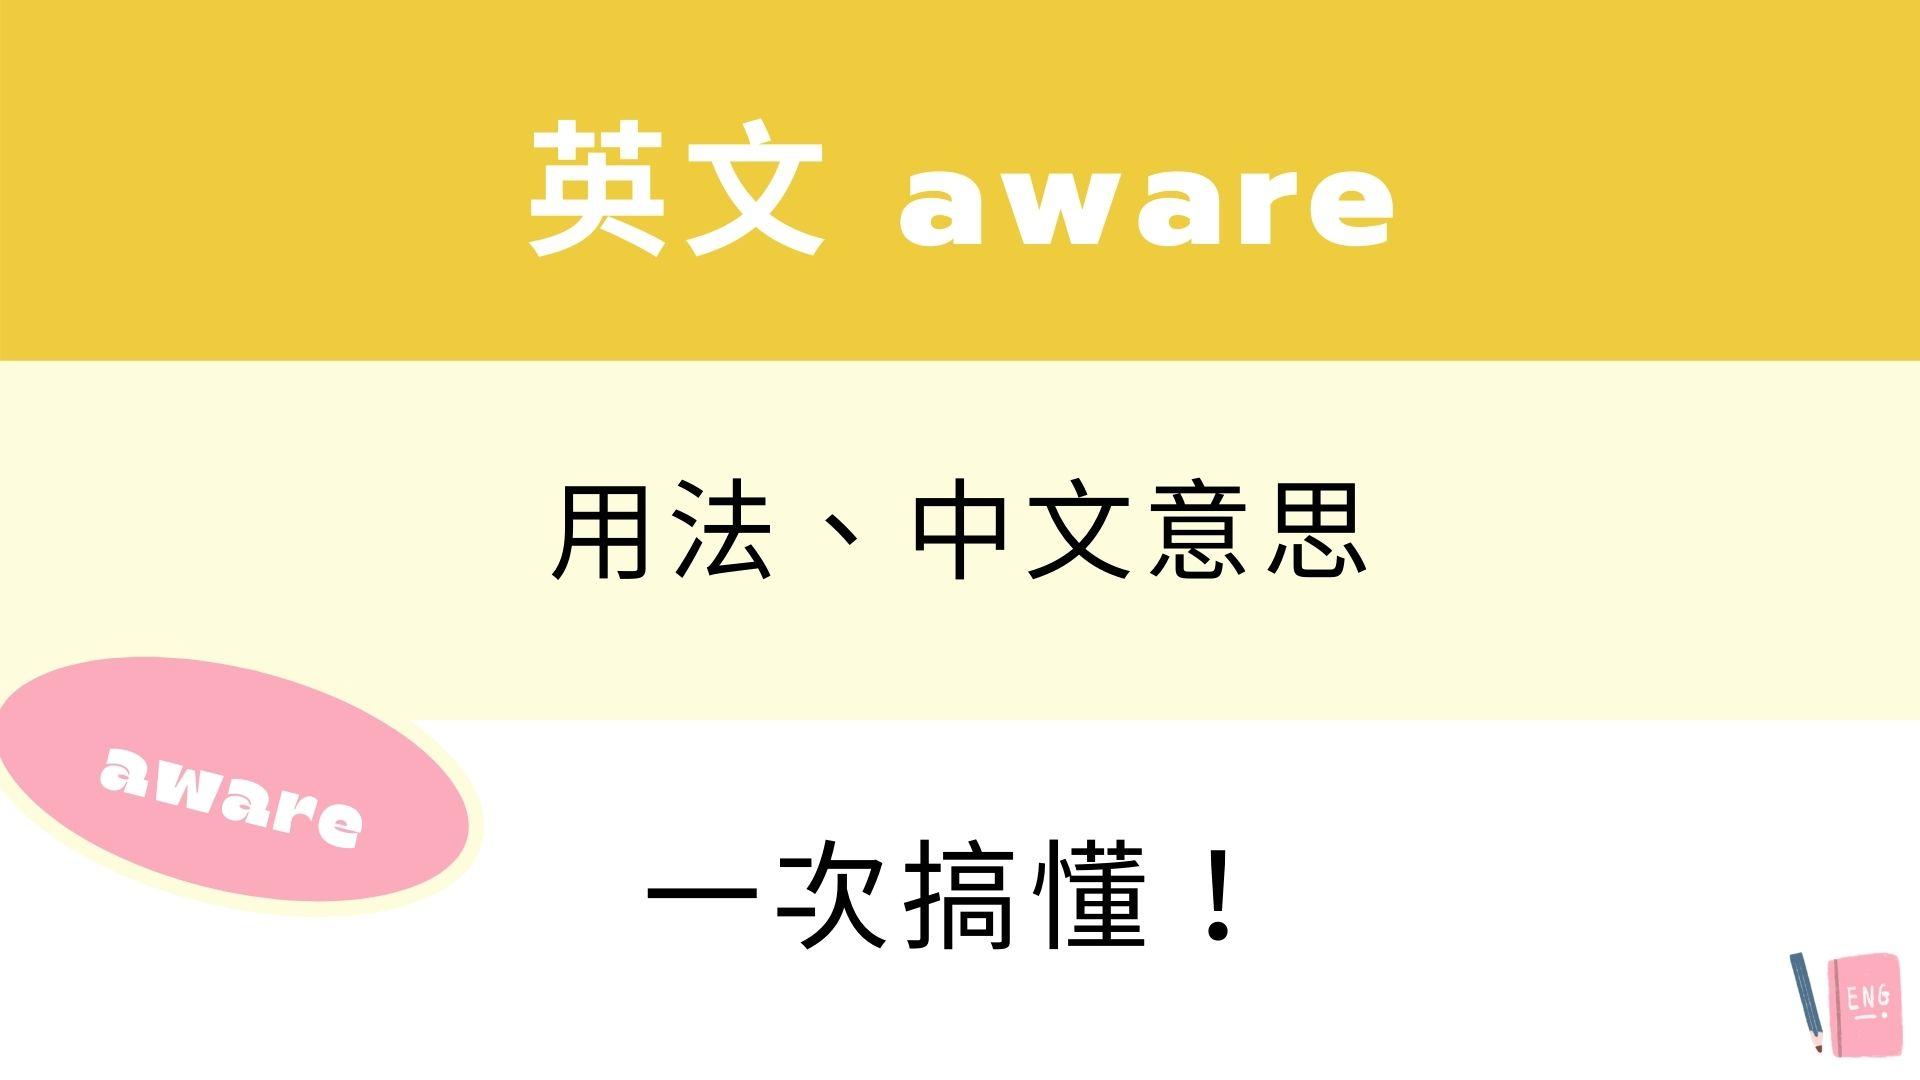 英文 aware、be aware of 用法與中文意思!看例句搞懂